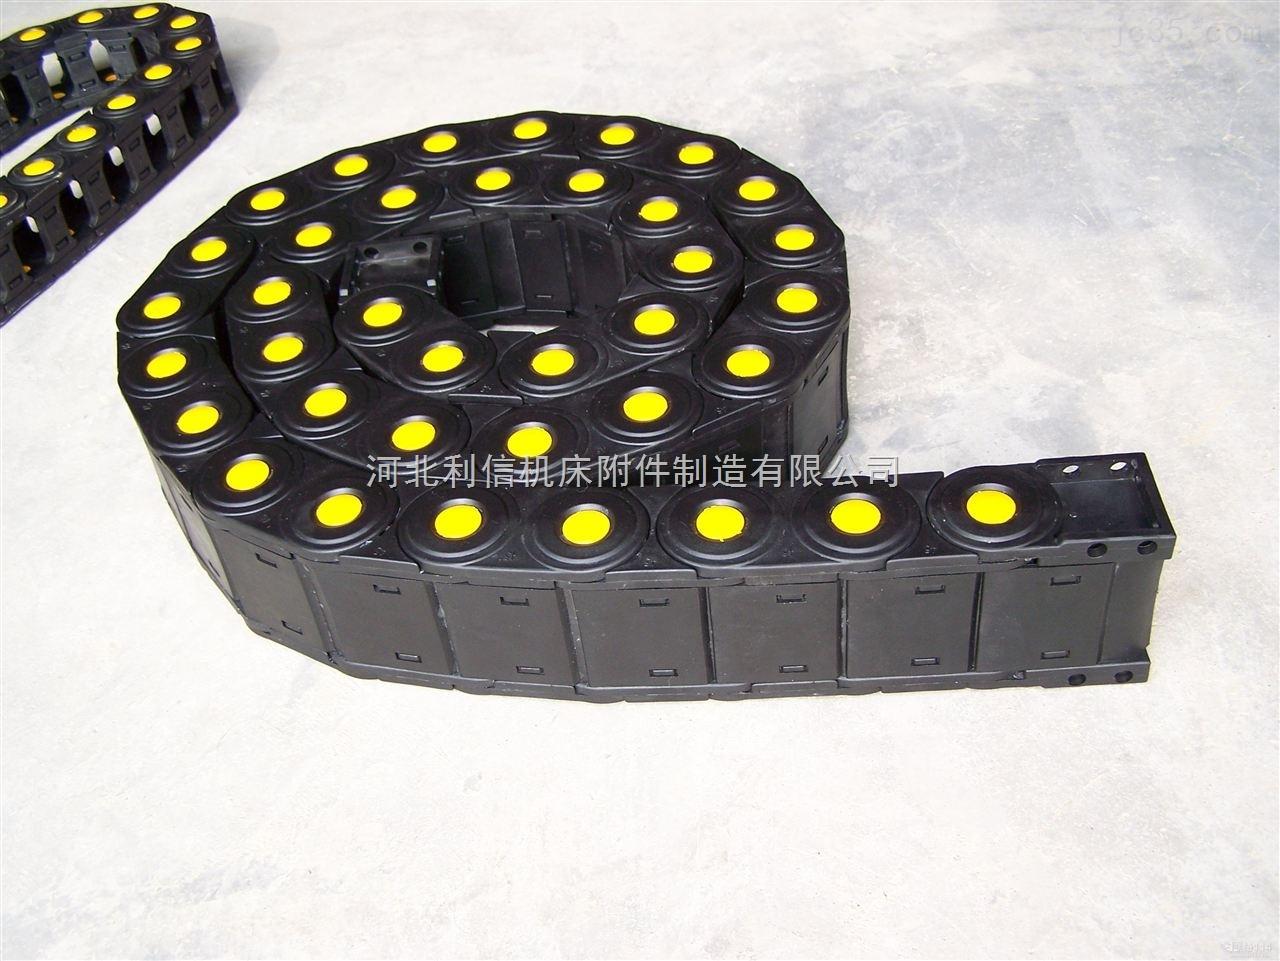 高柔性穿线型全封闭塑料拖链